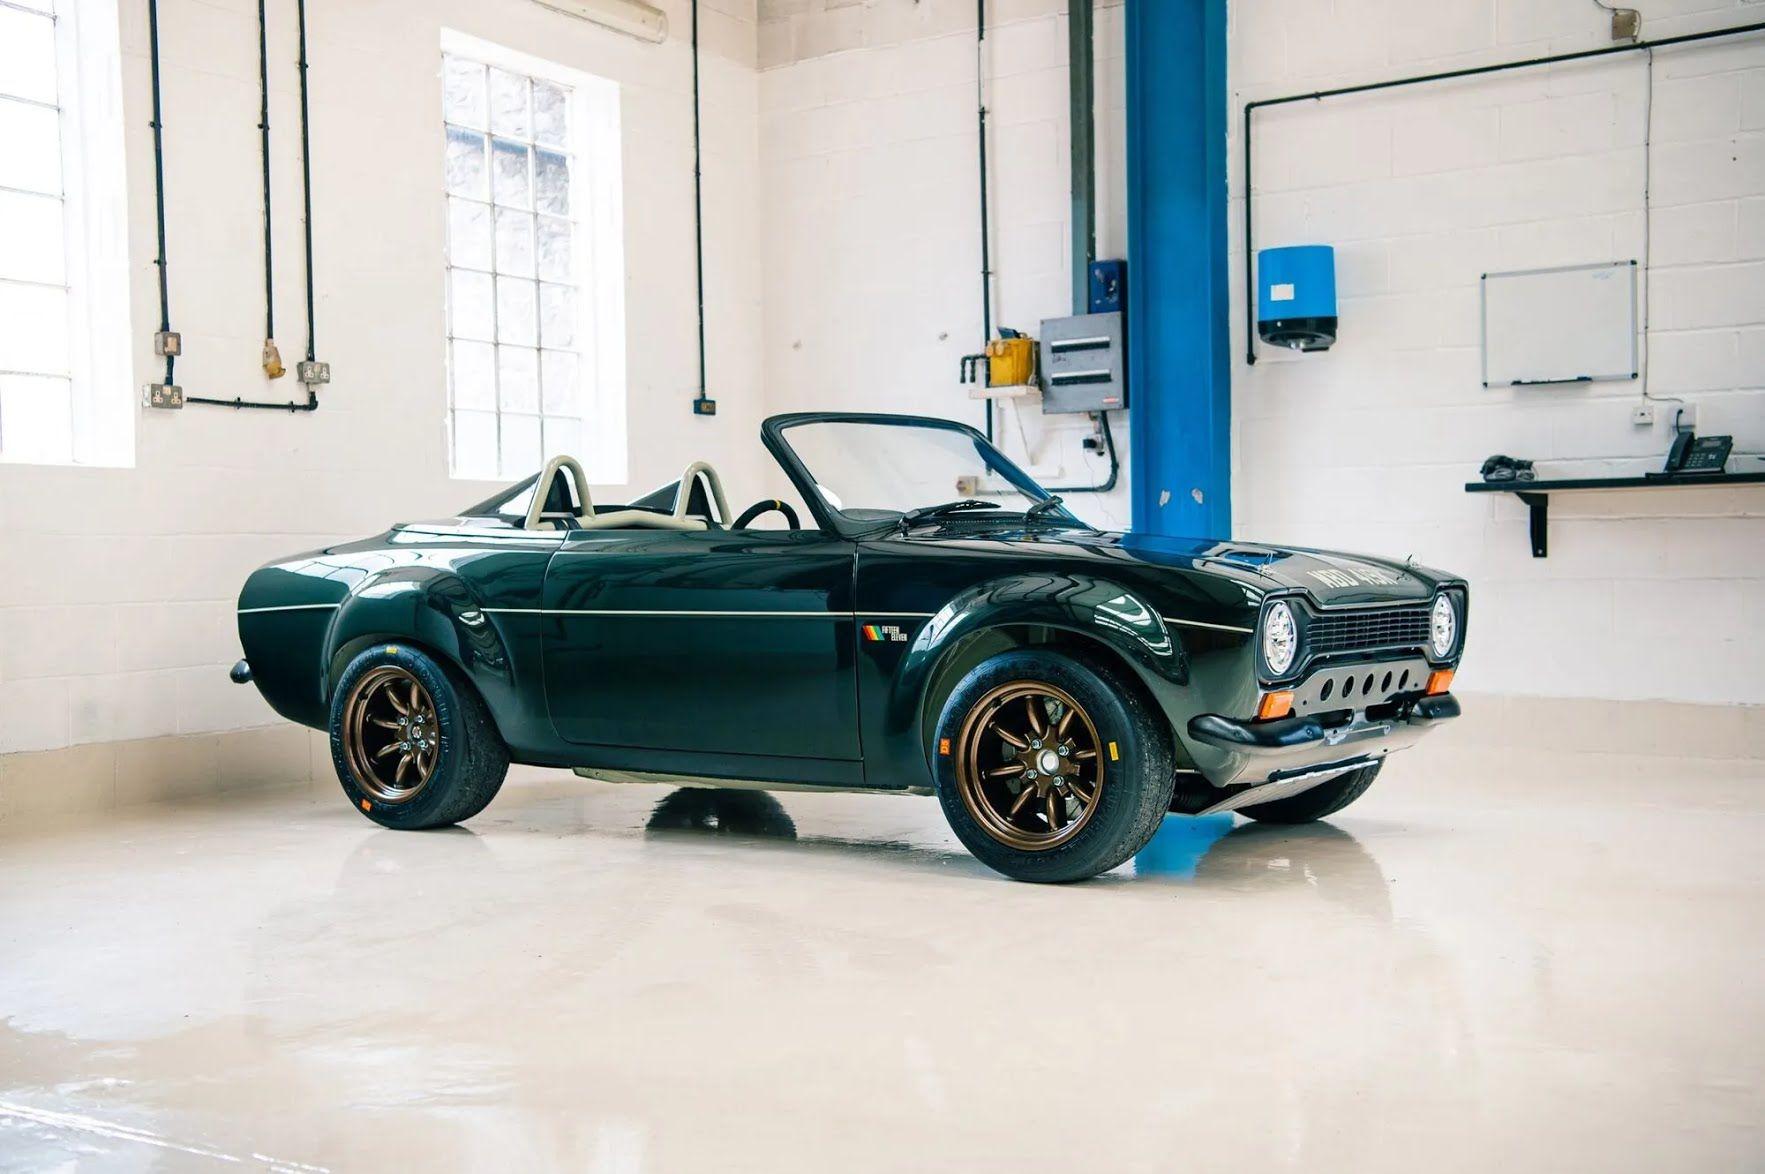 Первым рестомодом компании Fifteen Eleven Design стал Ford Escort Mk1 1972 Speedster